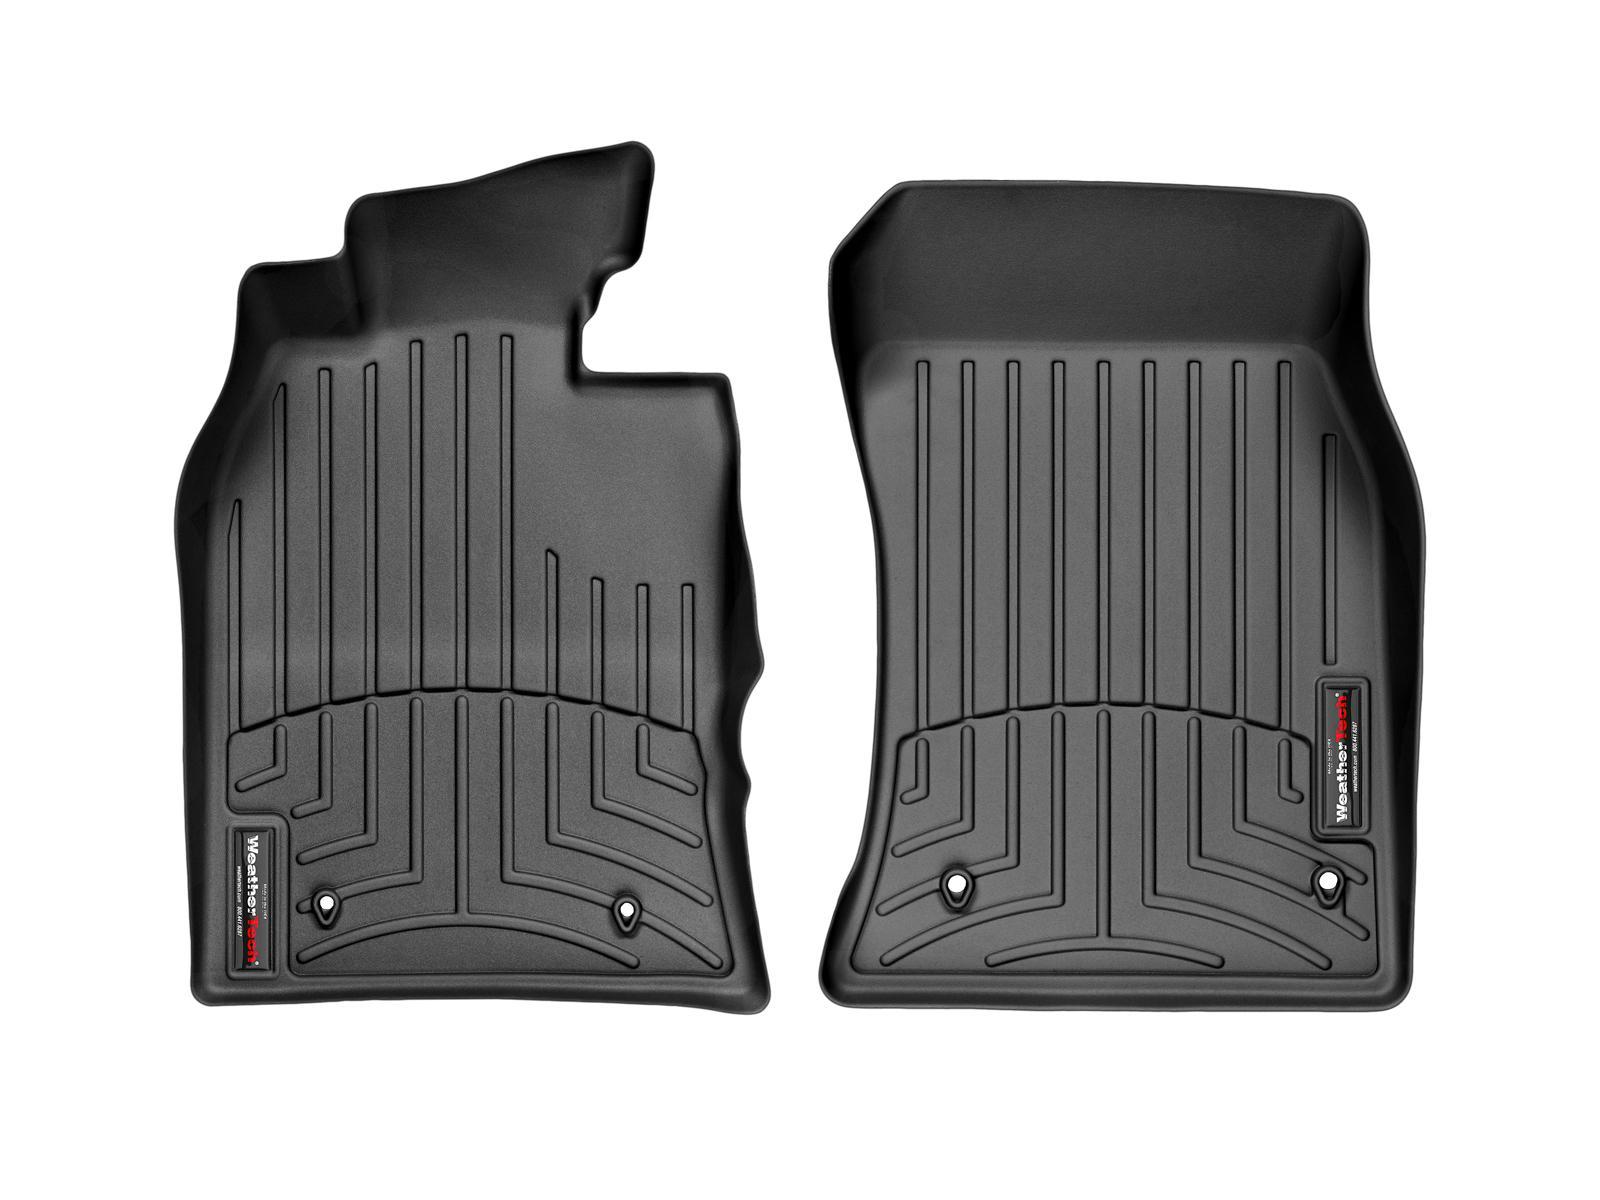 Tappeti gomma su misura bordo alto MINI Cooper / Cooper S 07>07 Nero A2675*